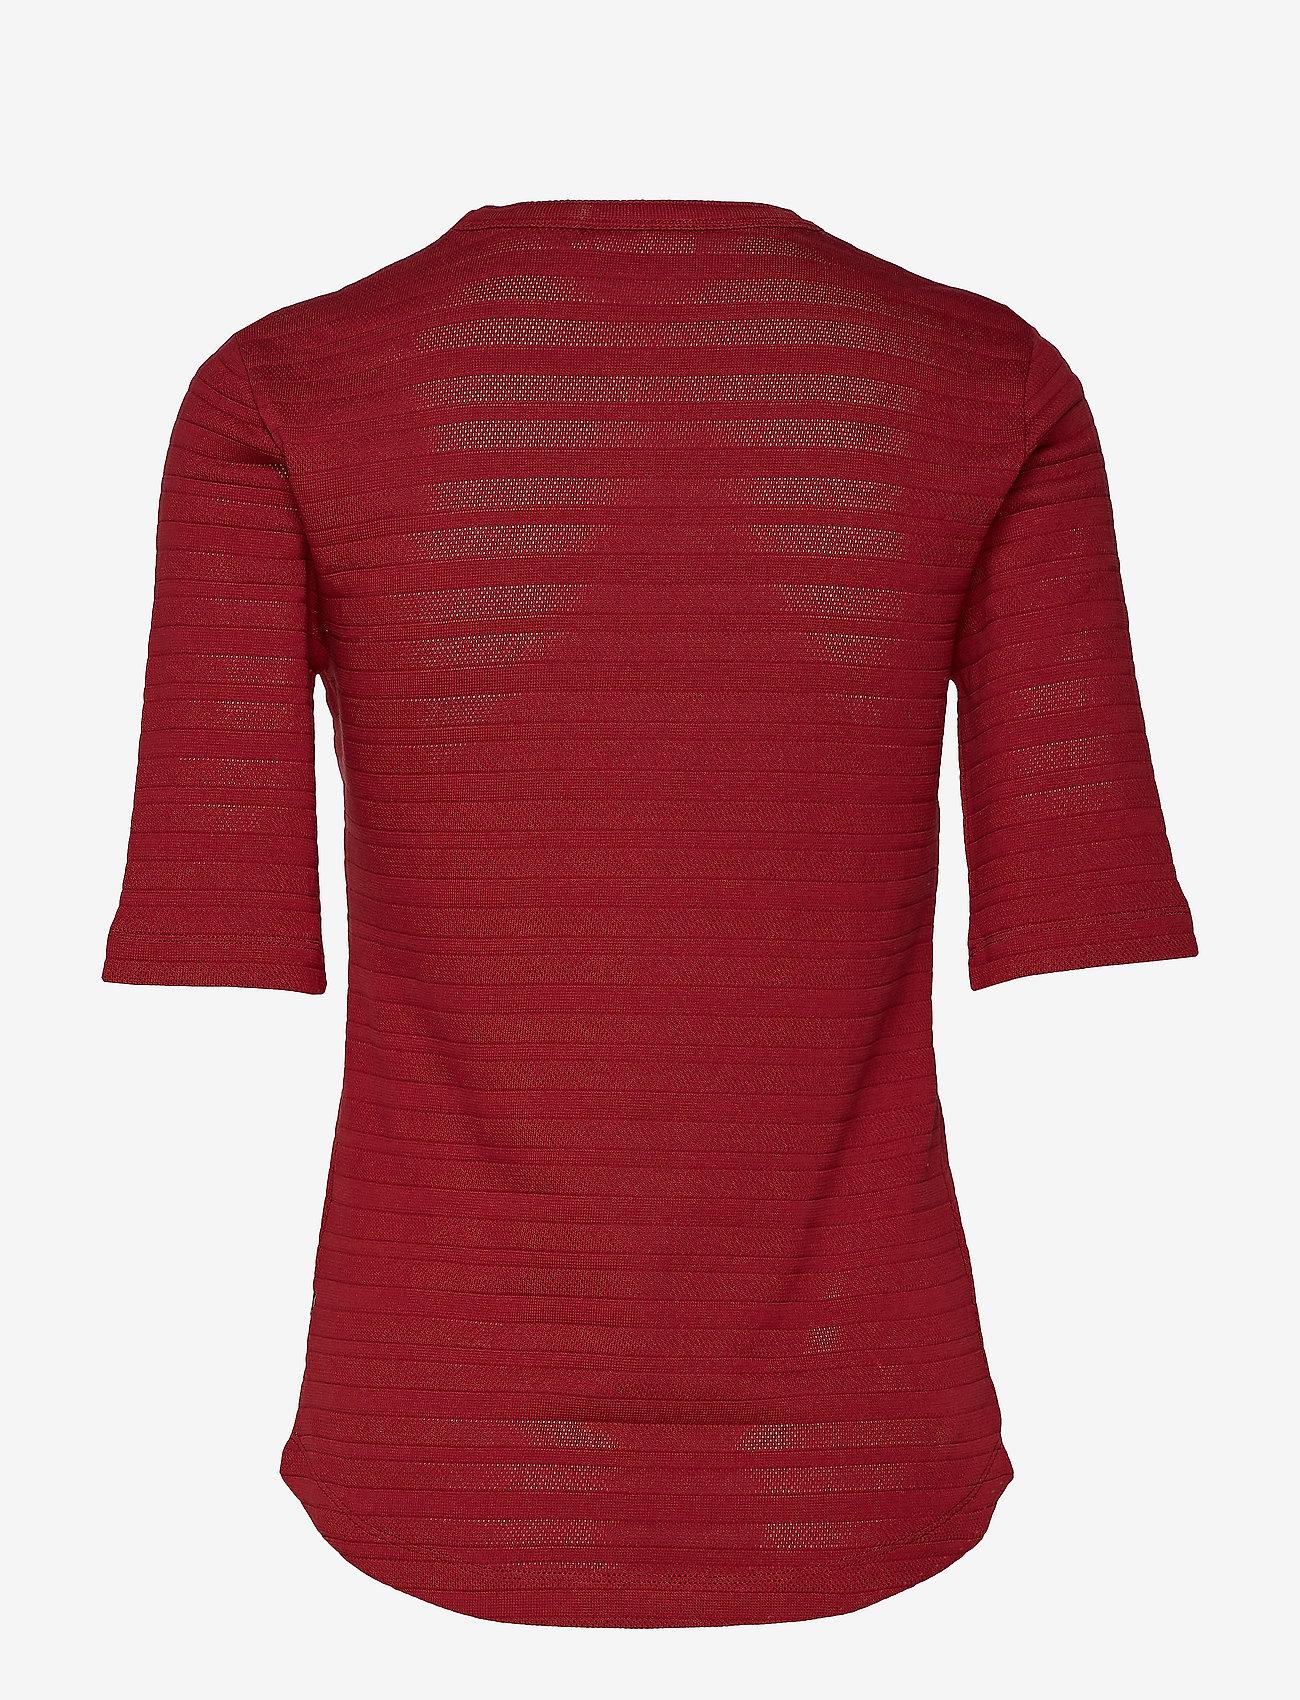 Pointelle T-shirt Ss (Ck Bright Burgundy) - Calvin Klein w8sz1G